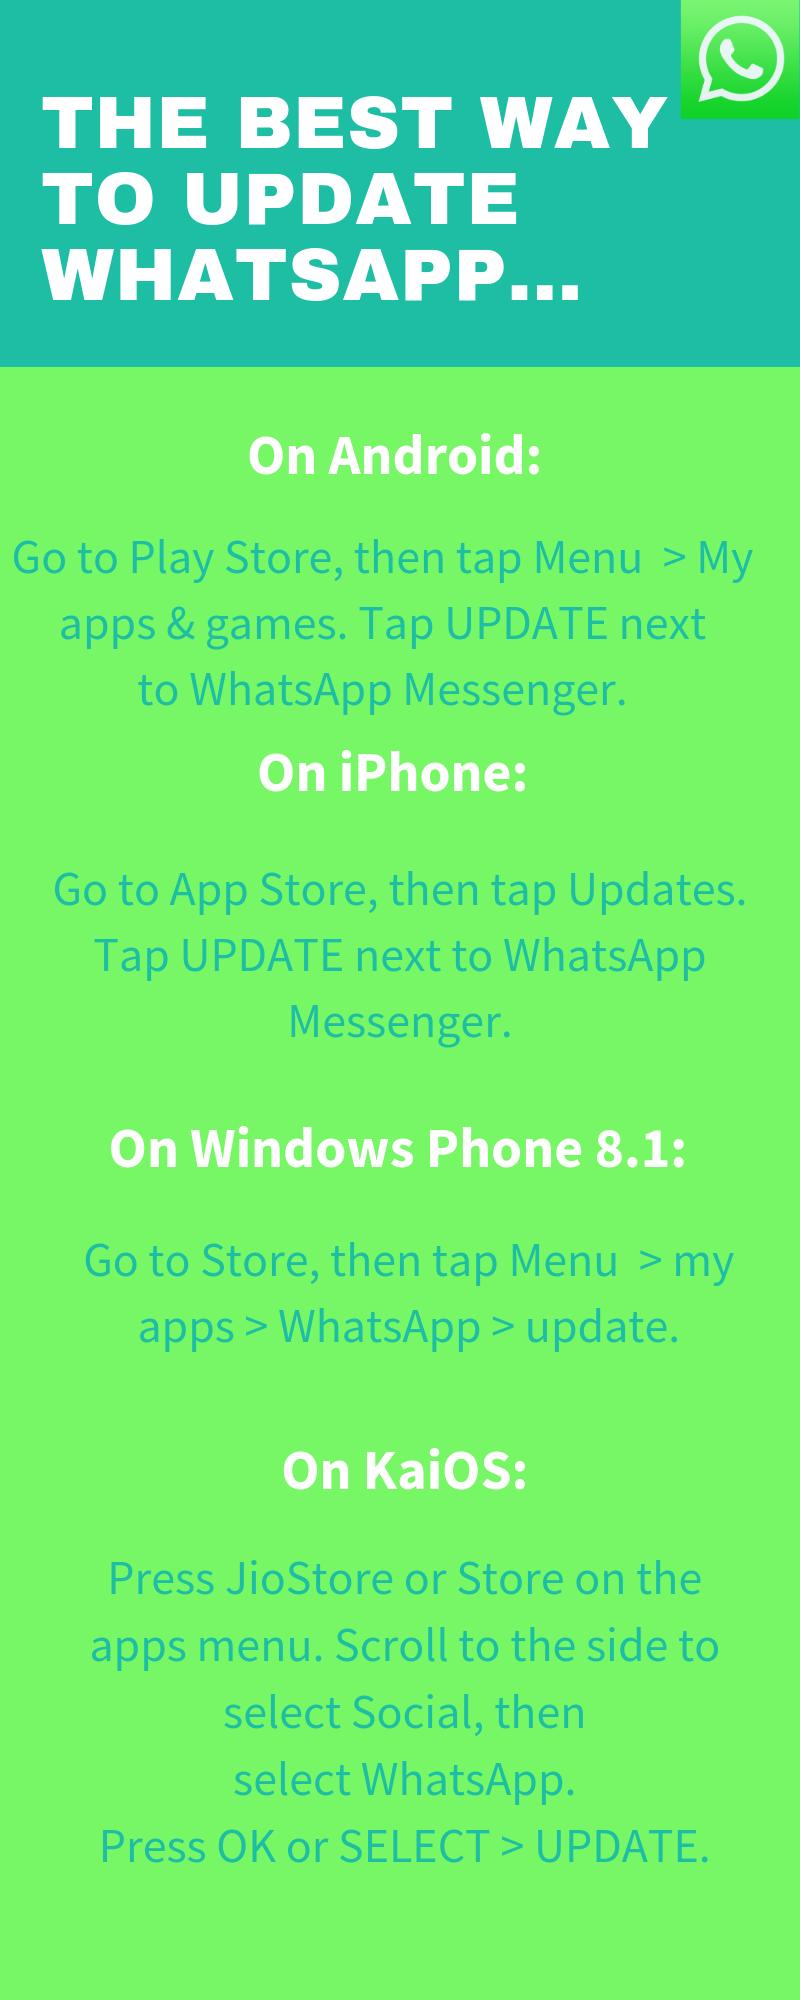 The Best Way to Update Whatsapp